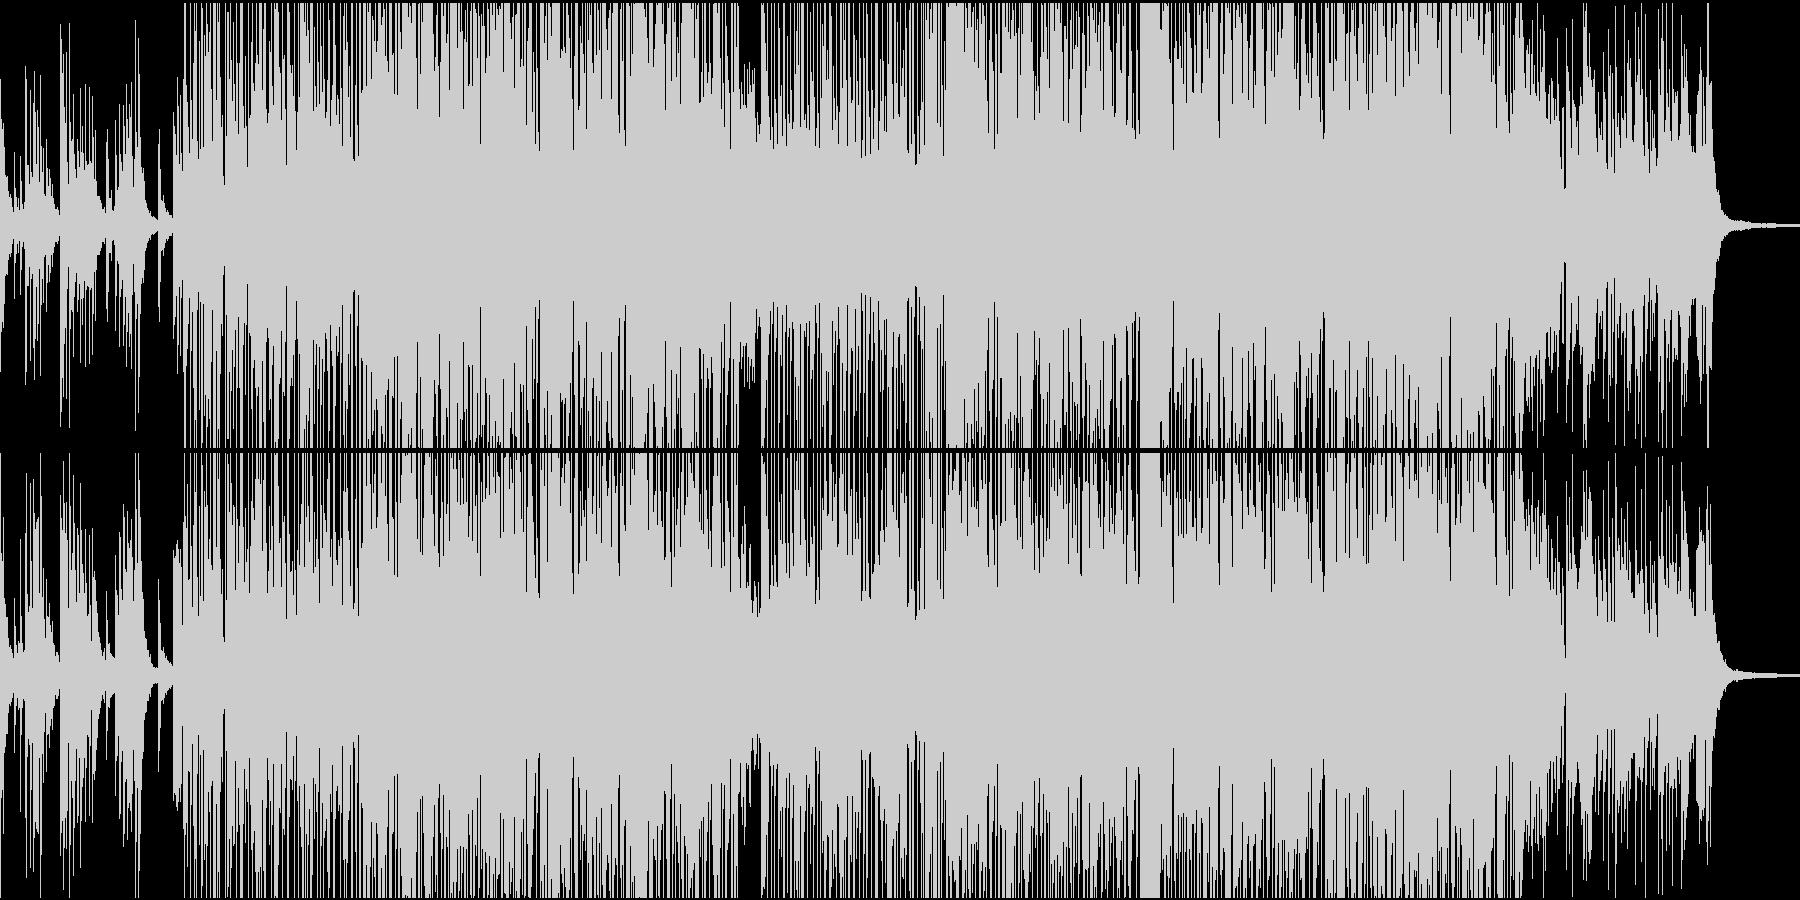 ピアノとギターで朝をゆったりイメージの未再生の波形